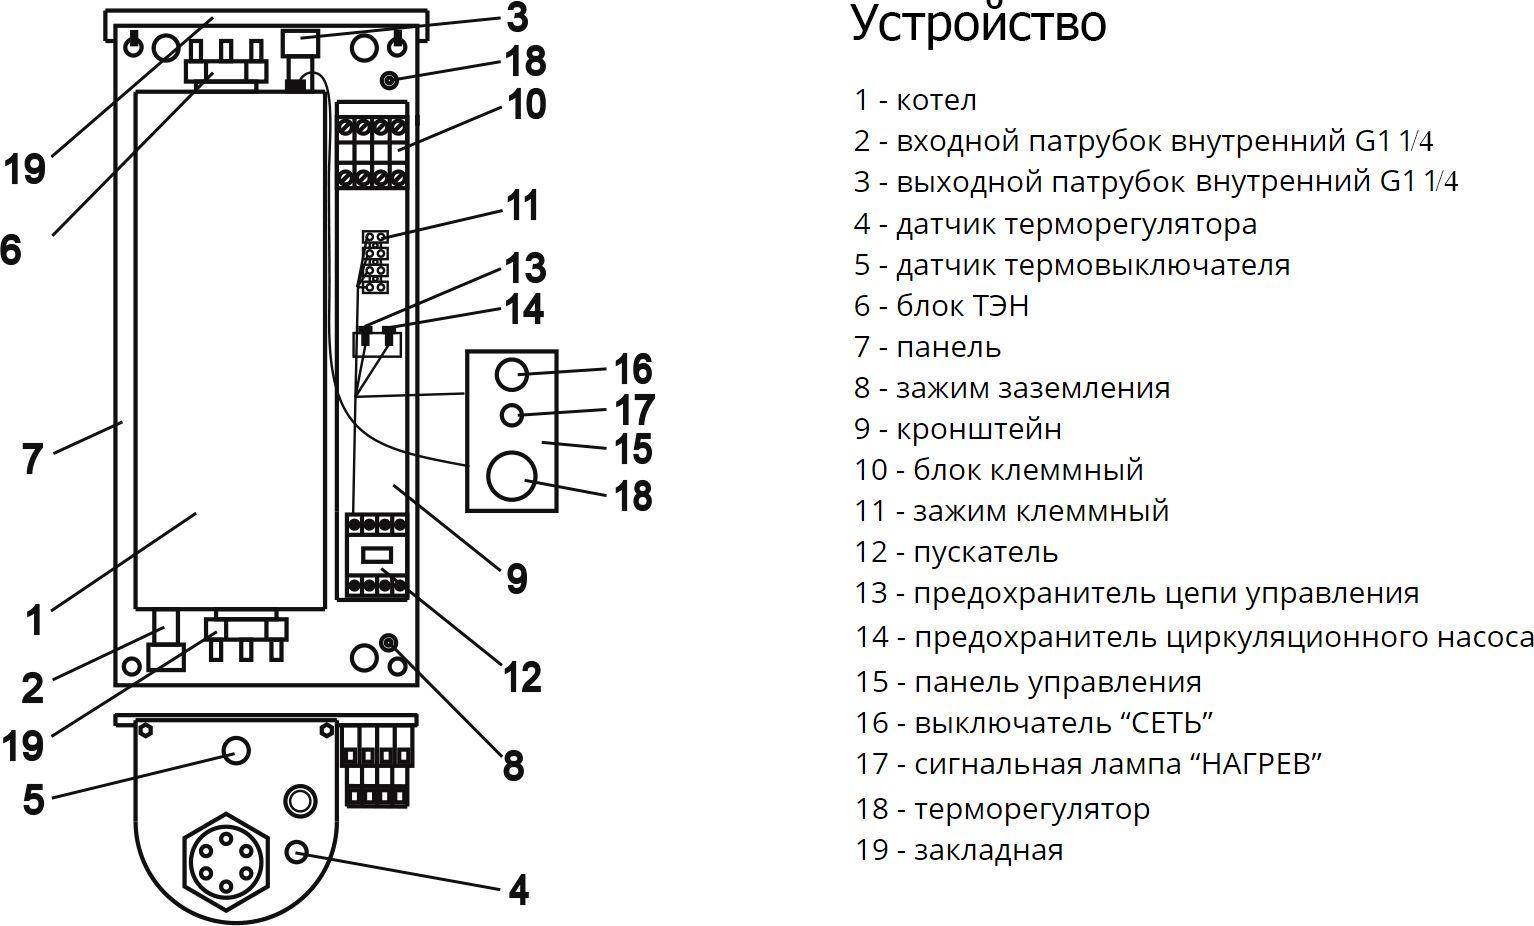 Электрические котлы эван. эконом. стандарт. комфорт.